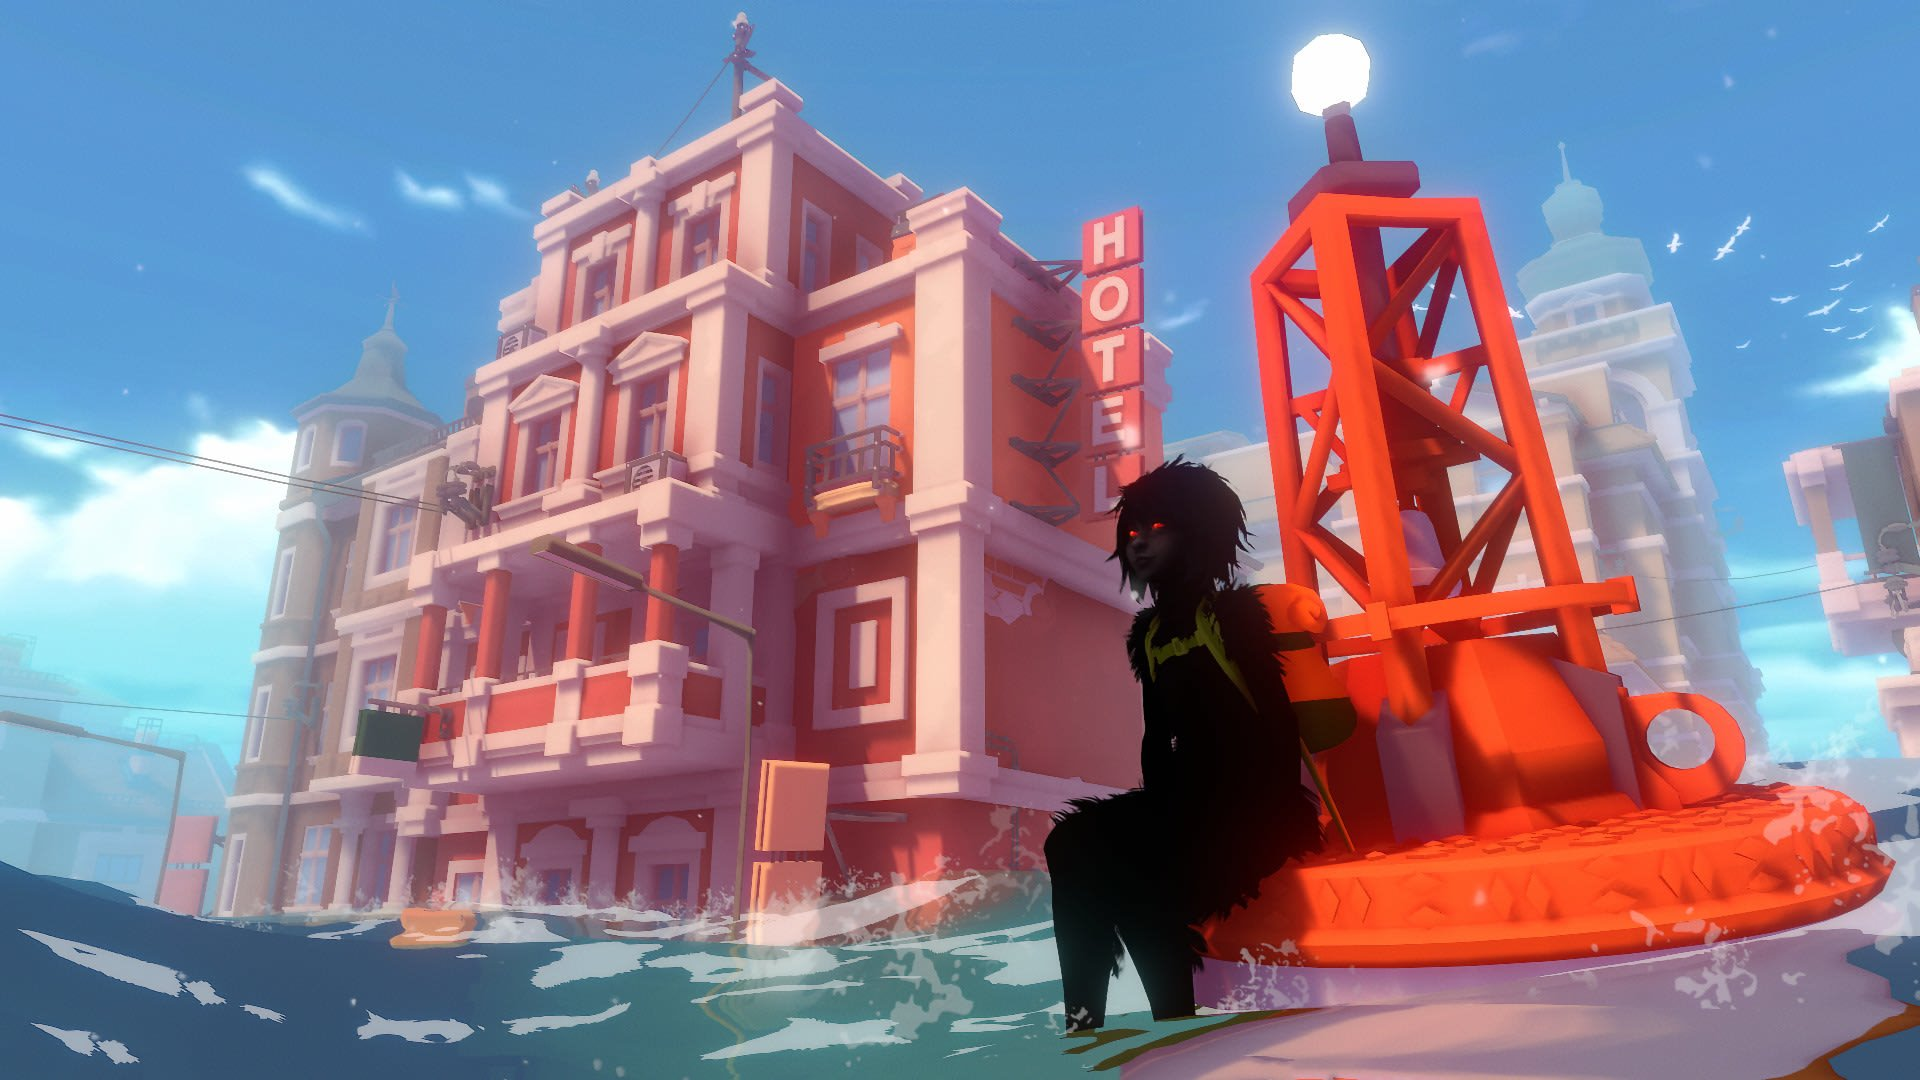 Melhores jogos indie de março: sea of solitude e muito mais. Nos melhores jogos indie de março você vai viver aventuras em um mar solitário, pilotar um carro de sucata e patinar e atirar ao mesmo tempo